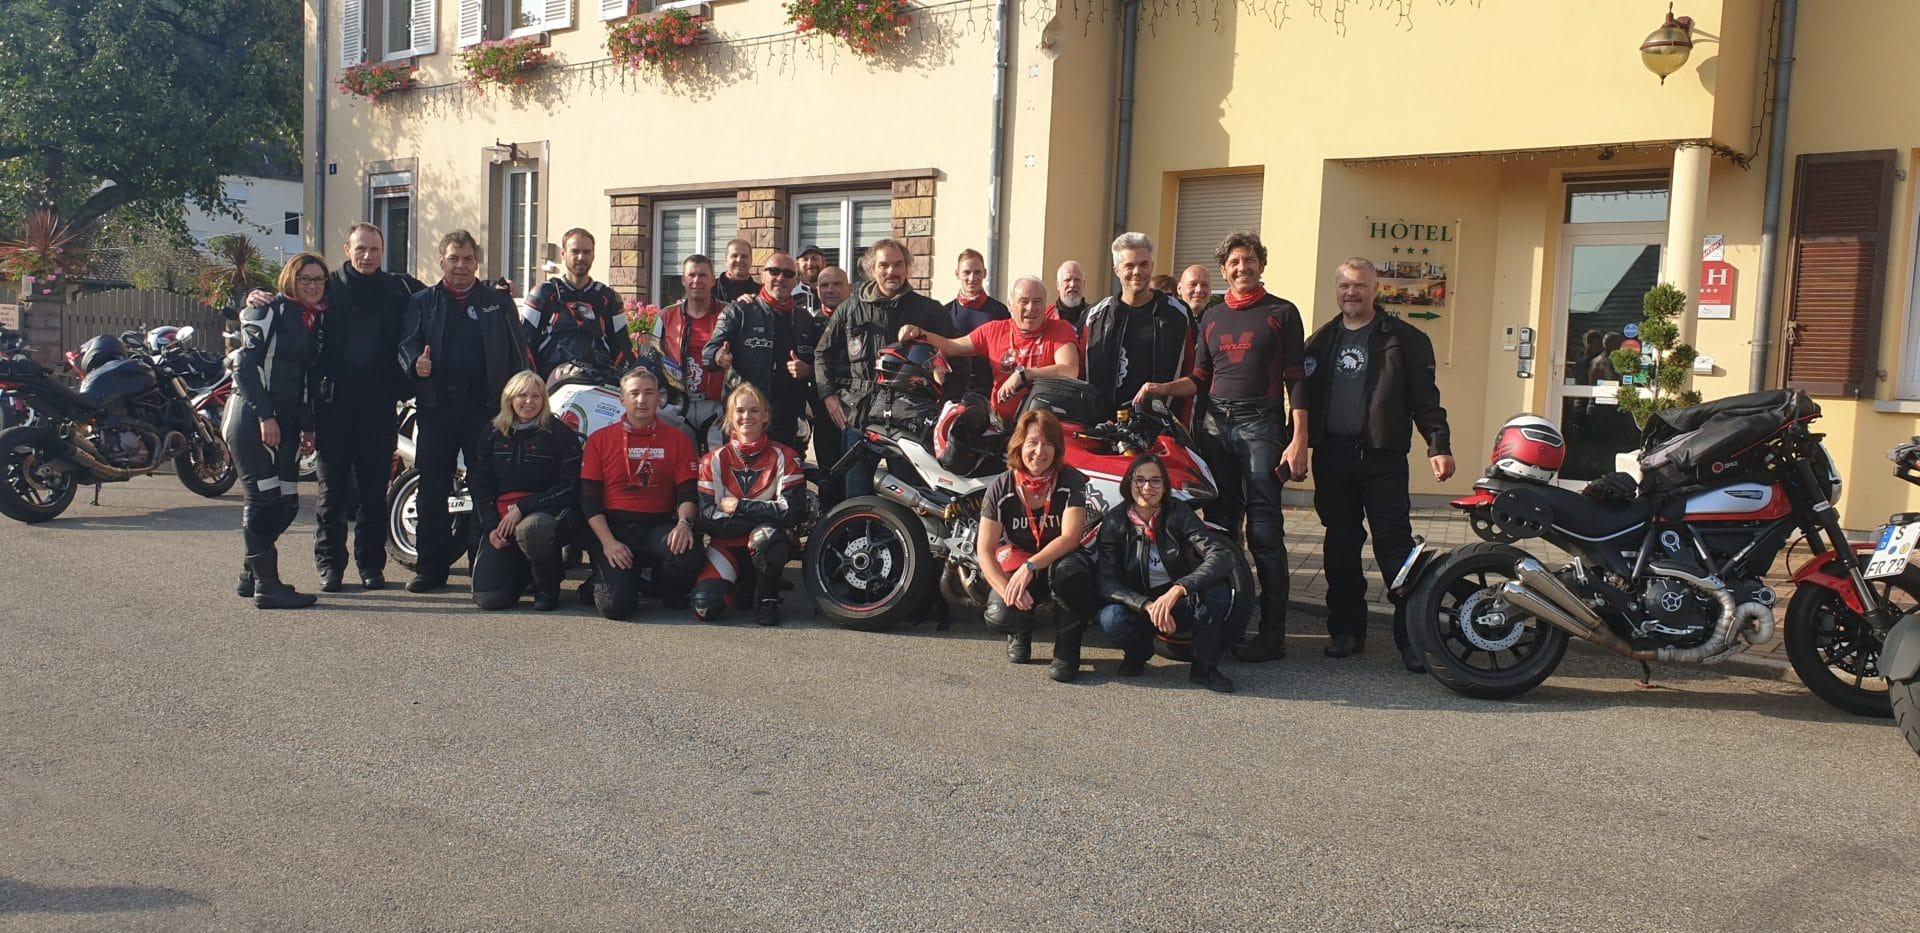 20190914 0916311 1920x933 - Motos - Vélos